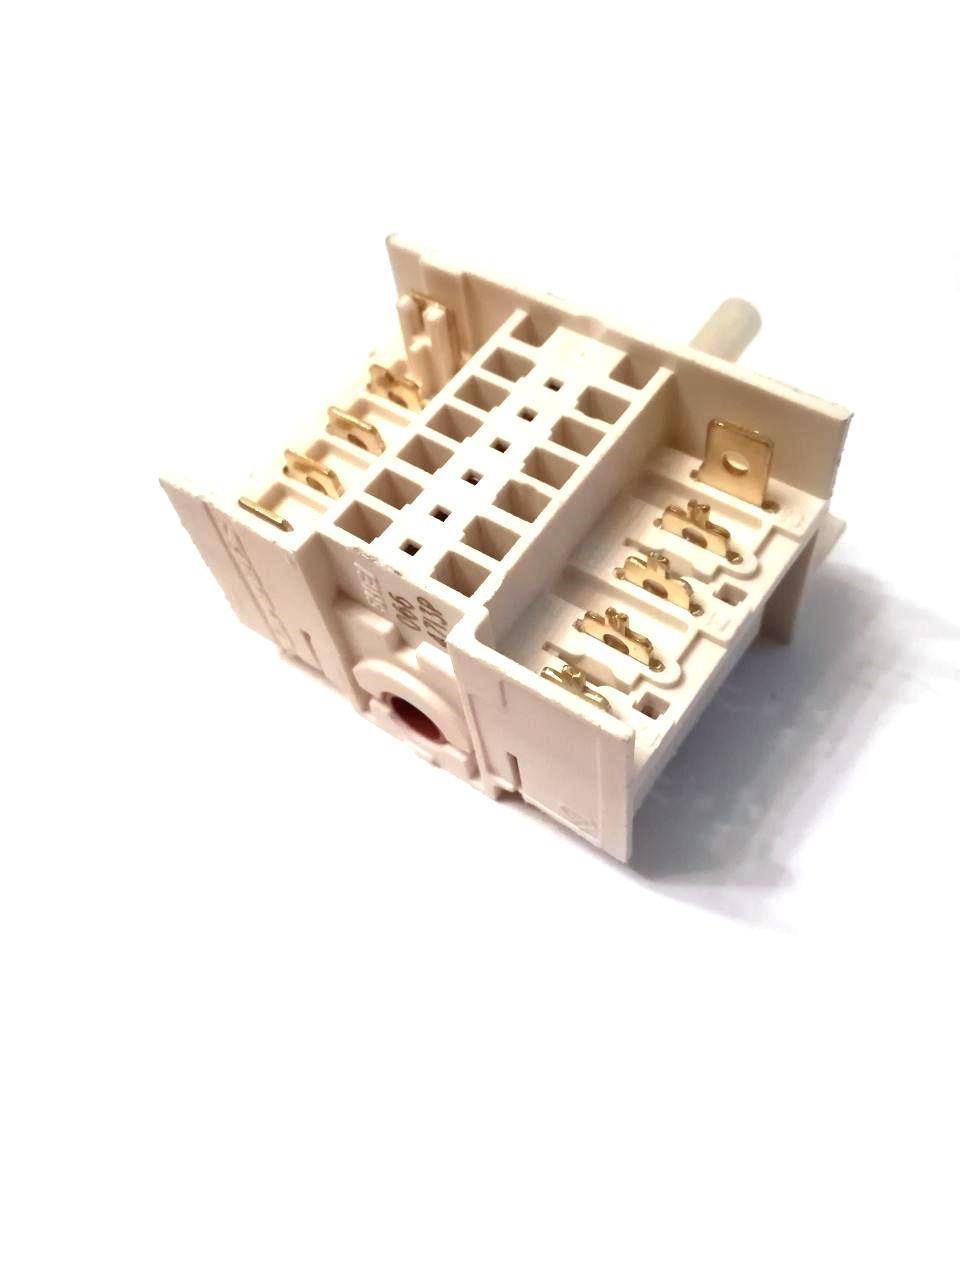 Переключатель 7-ми позиционный ПМ066 для электроплит Италия